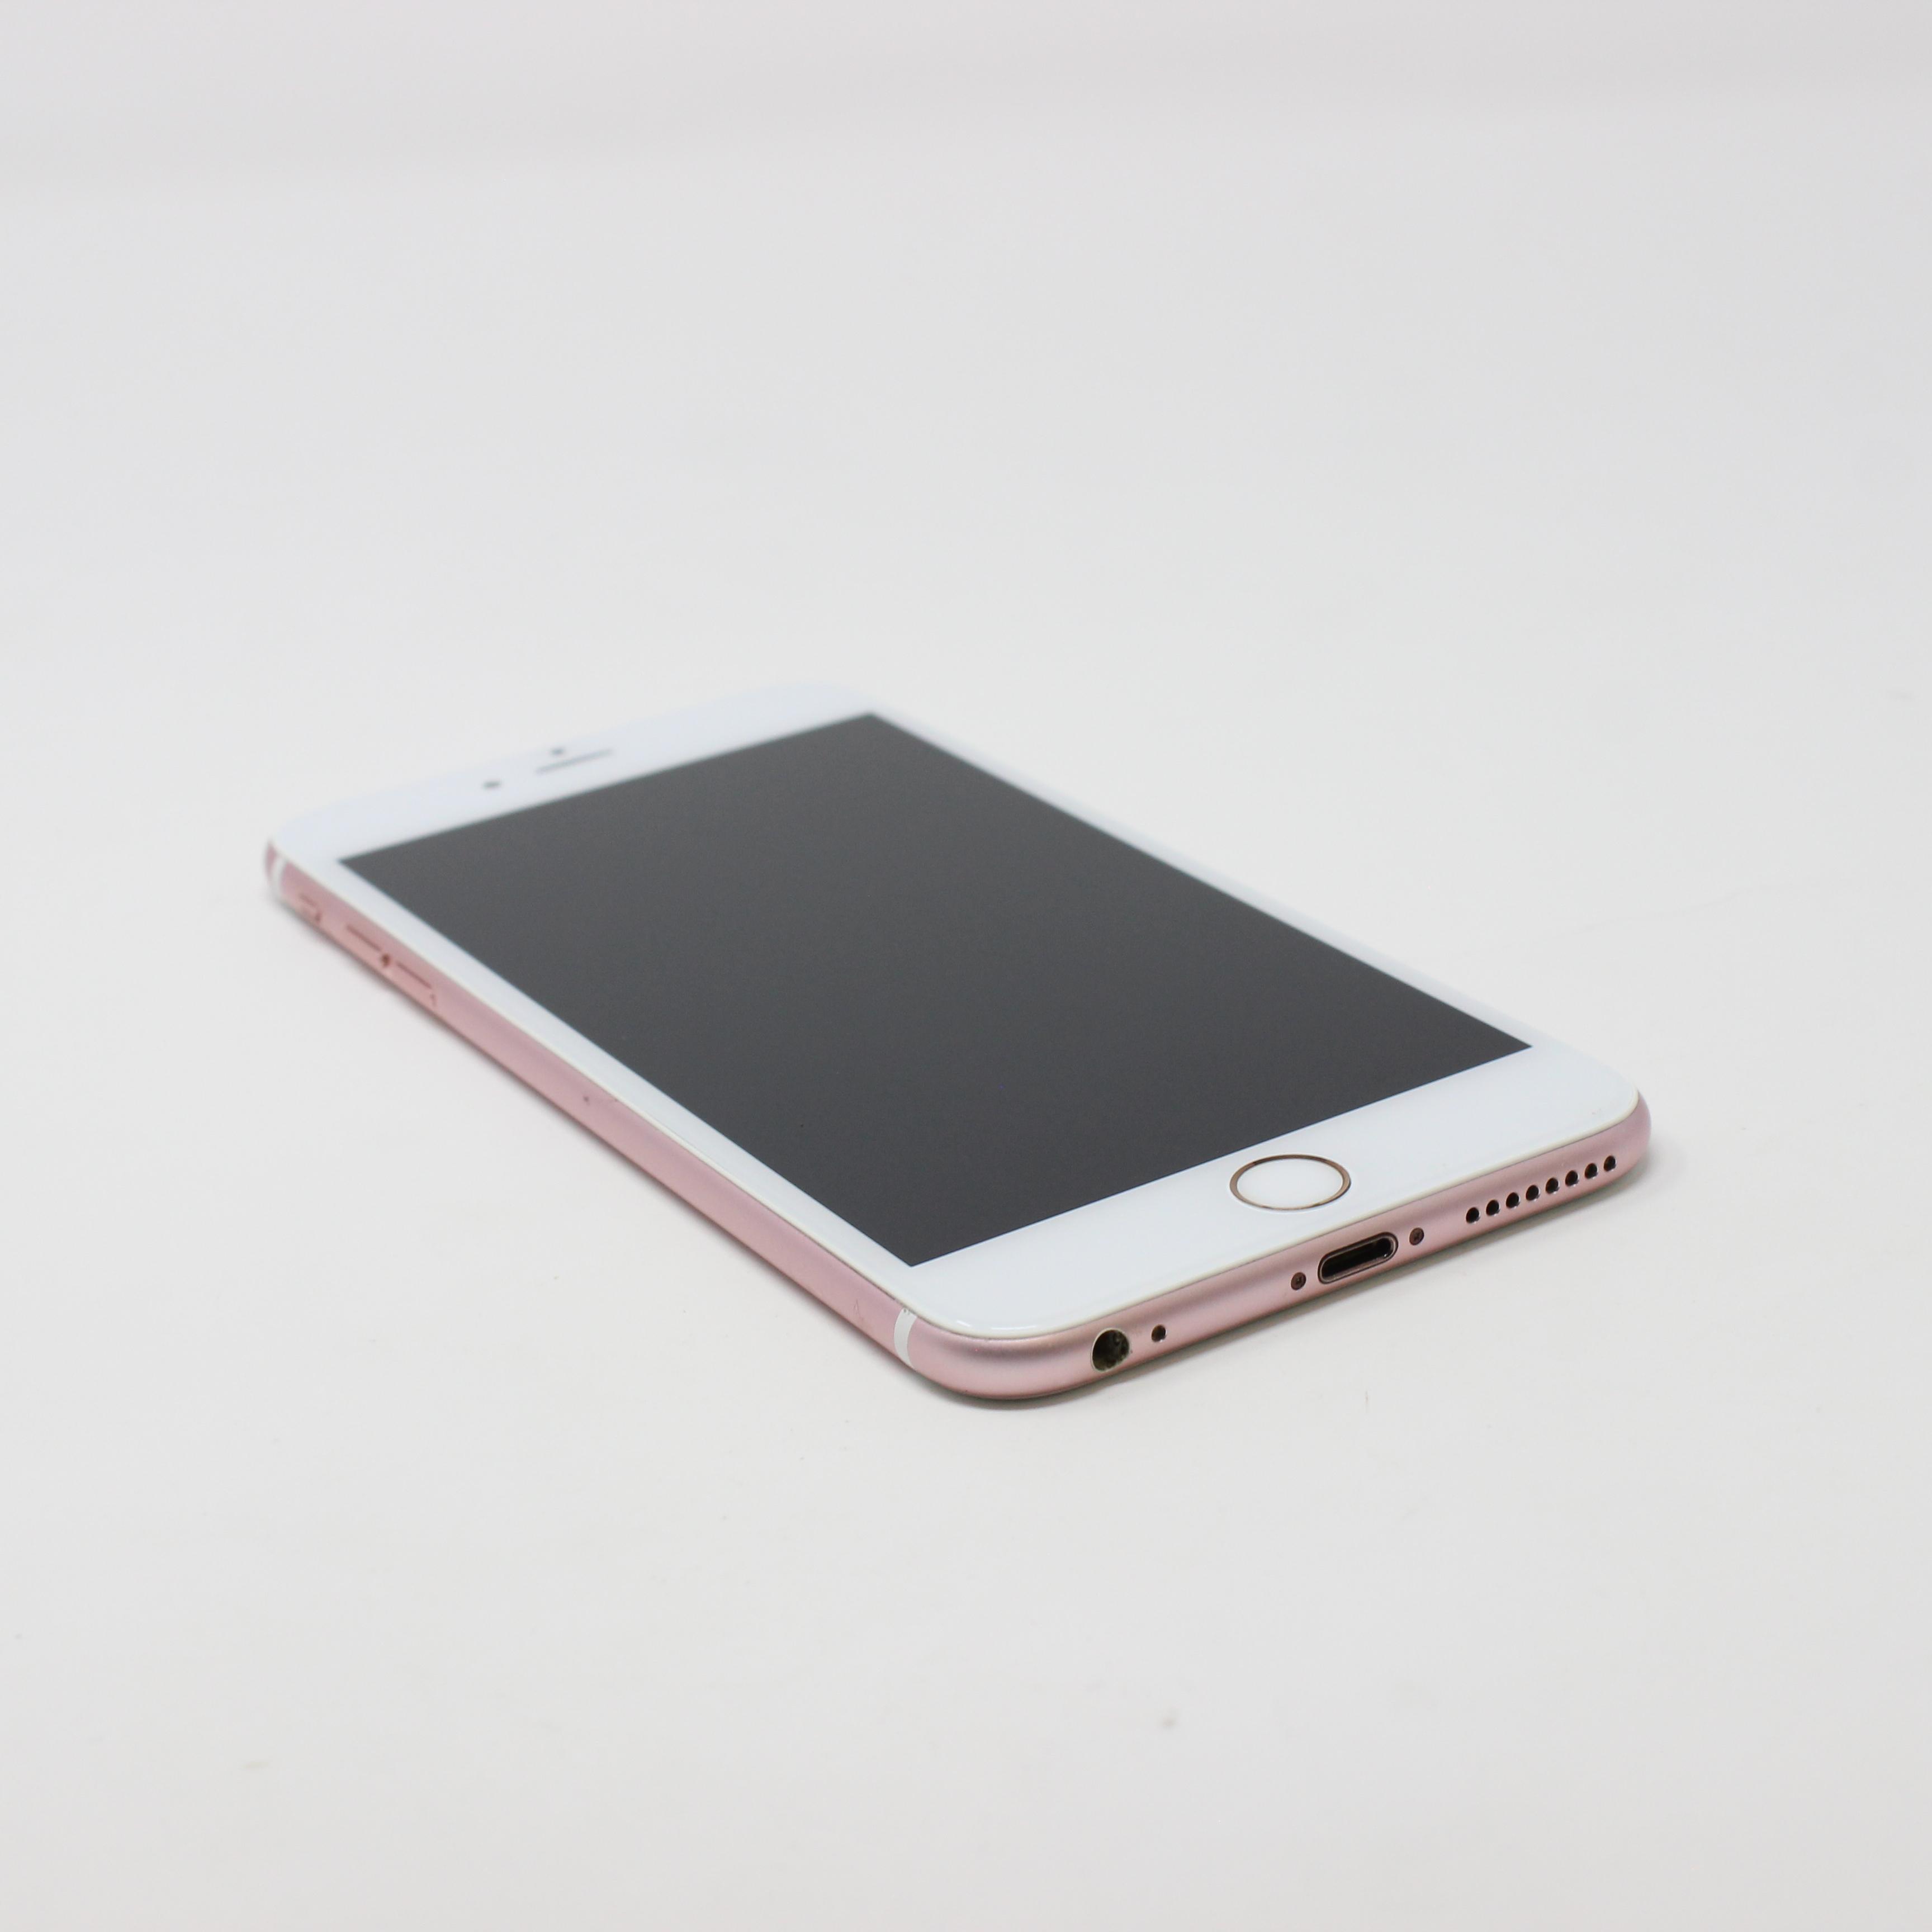 iPhone 6S Plus 16GB Rose Gold - Unlocked photo 5 | UpTradeit.com